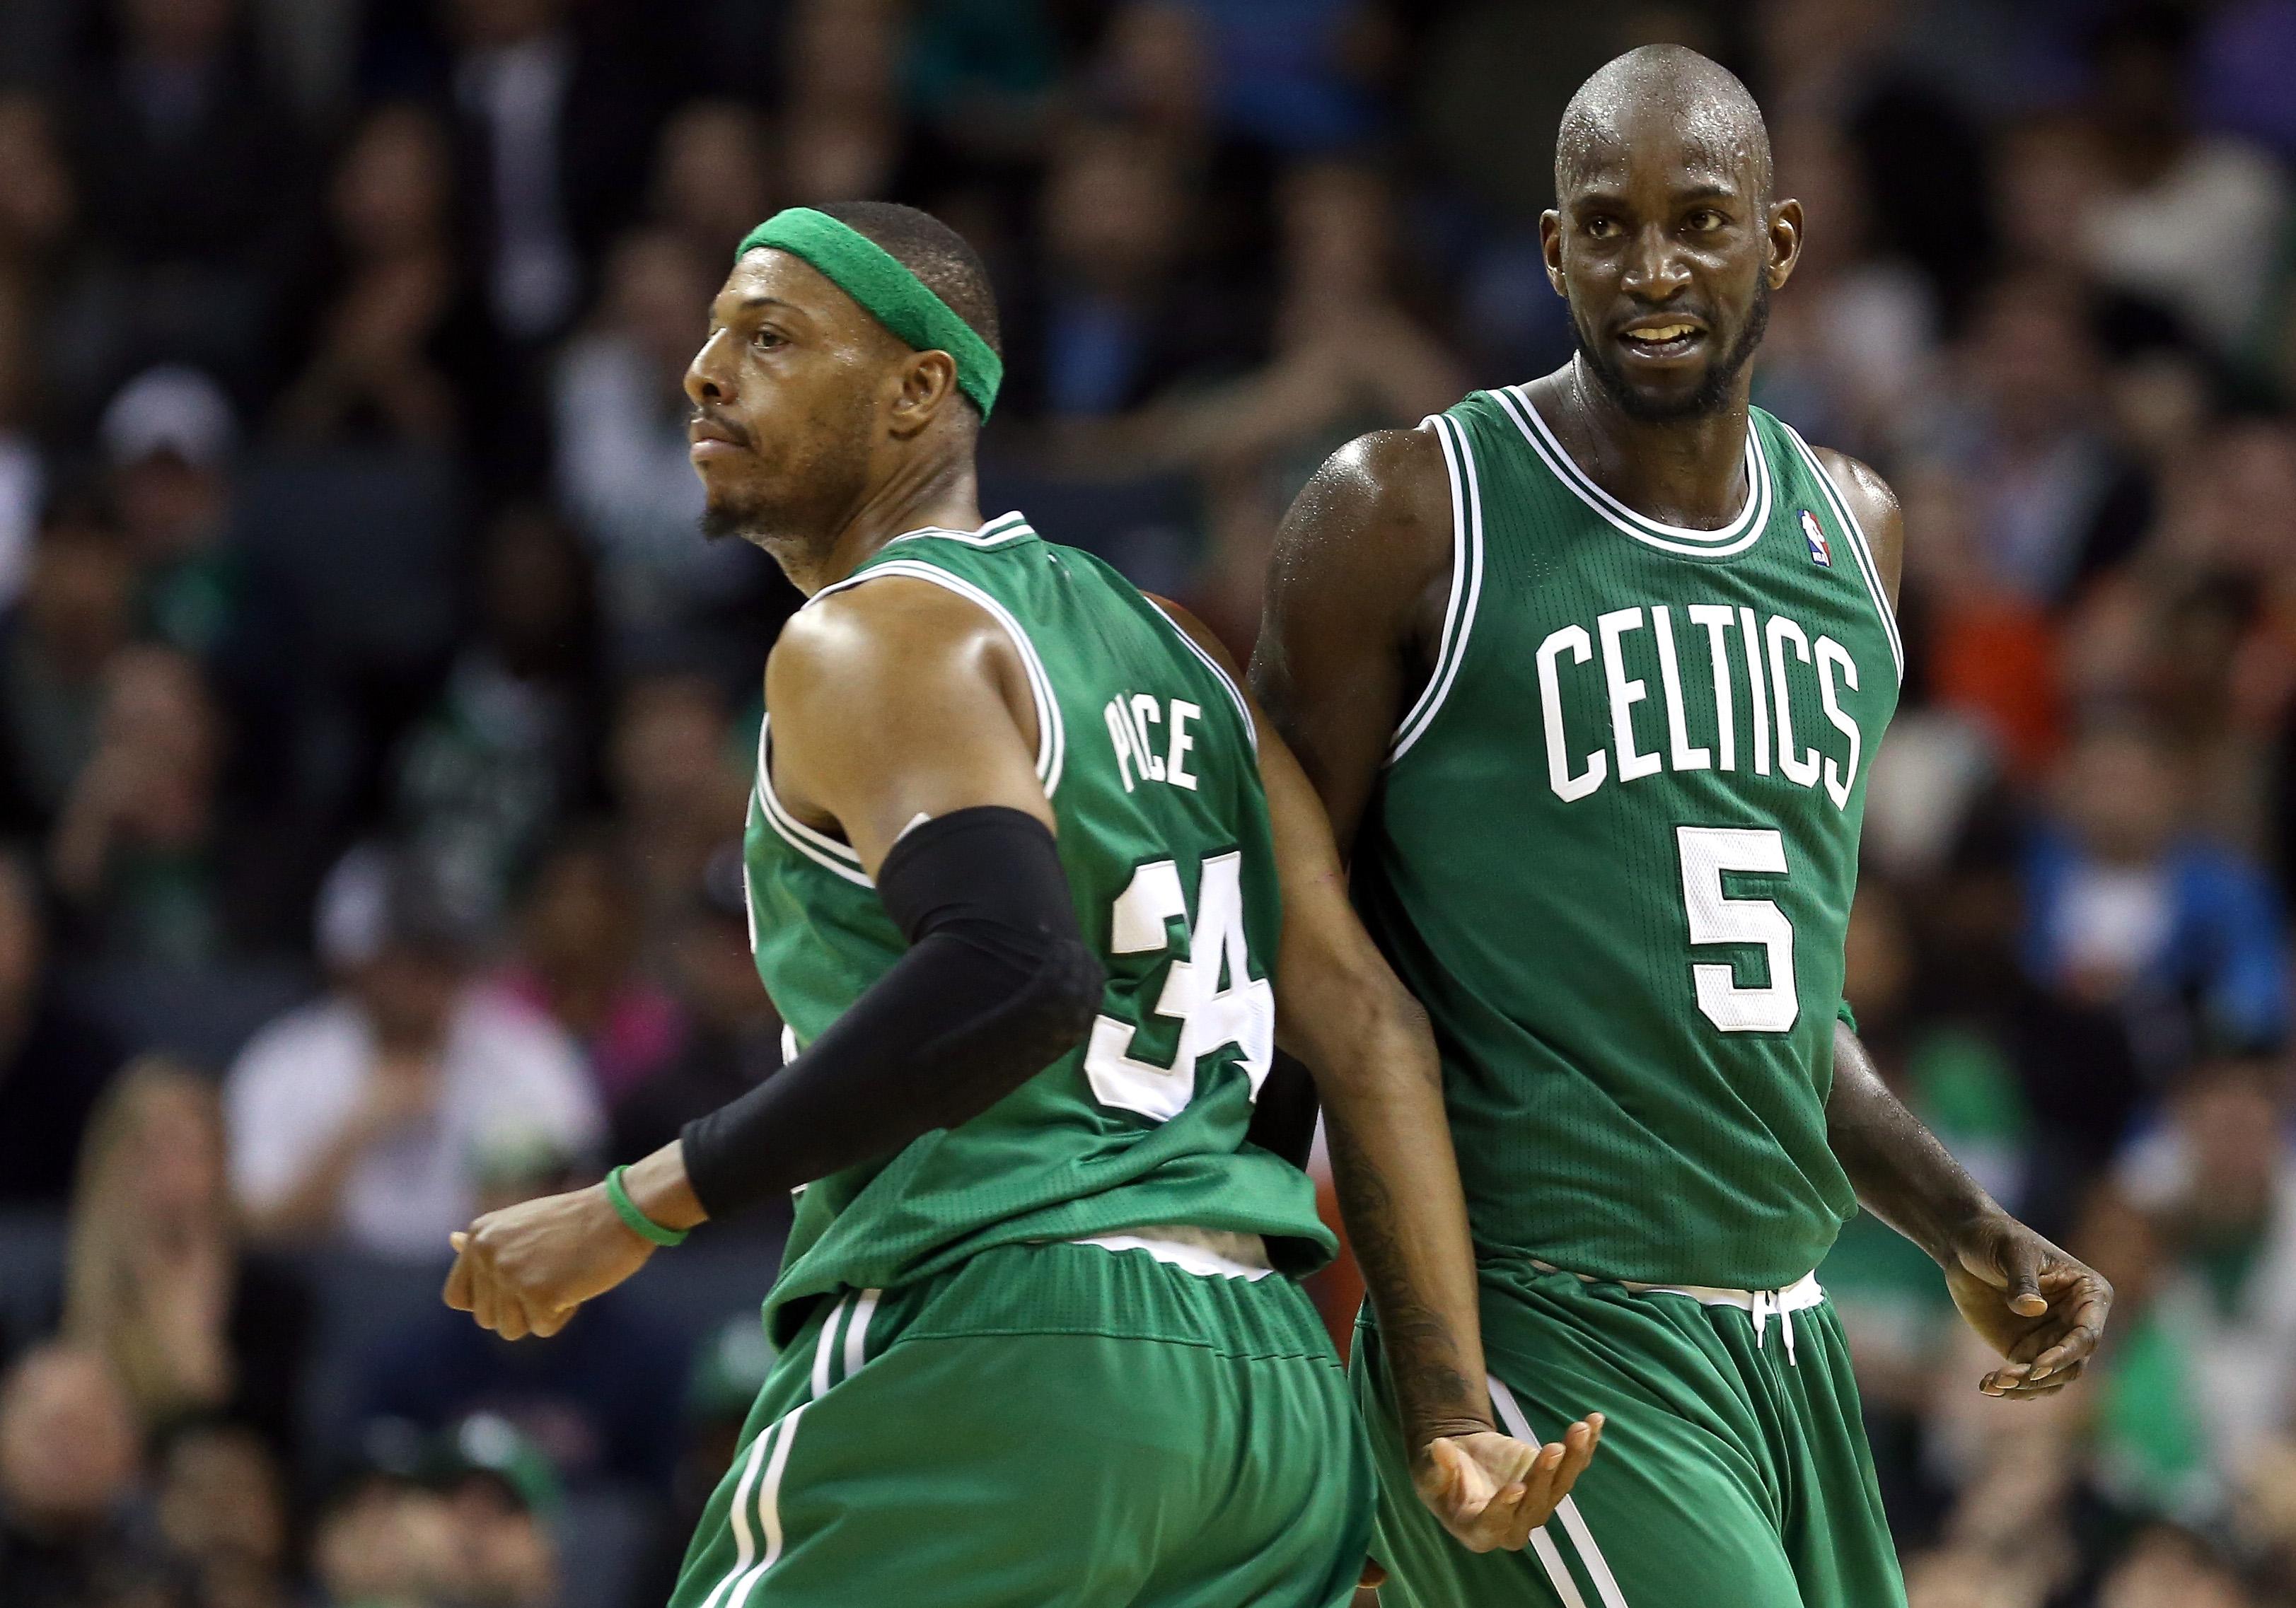 Paul Pierce Celtics, Kevin Garnett Celtics, Paul Pierce Kevin Garnett